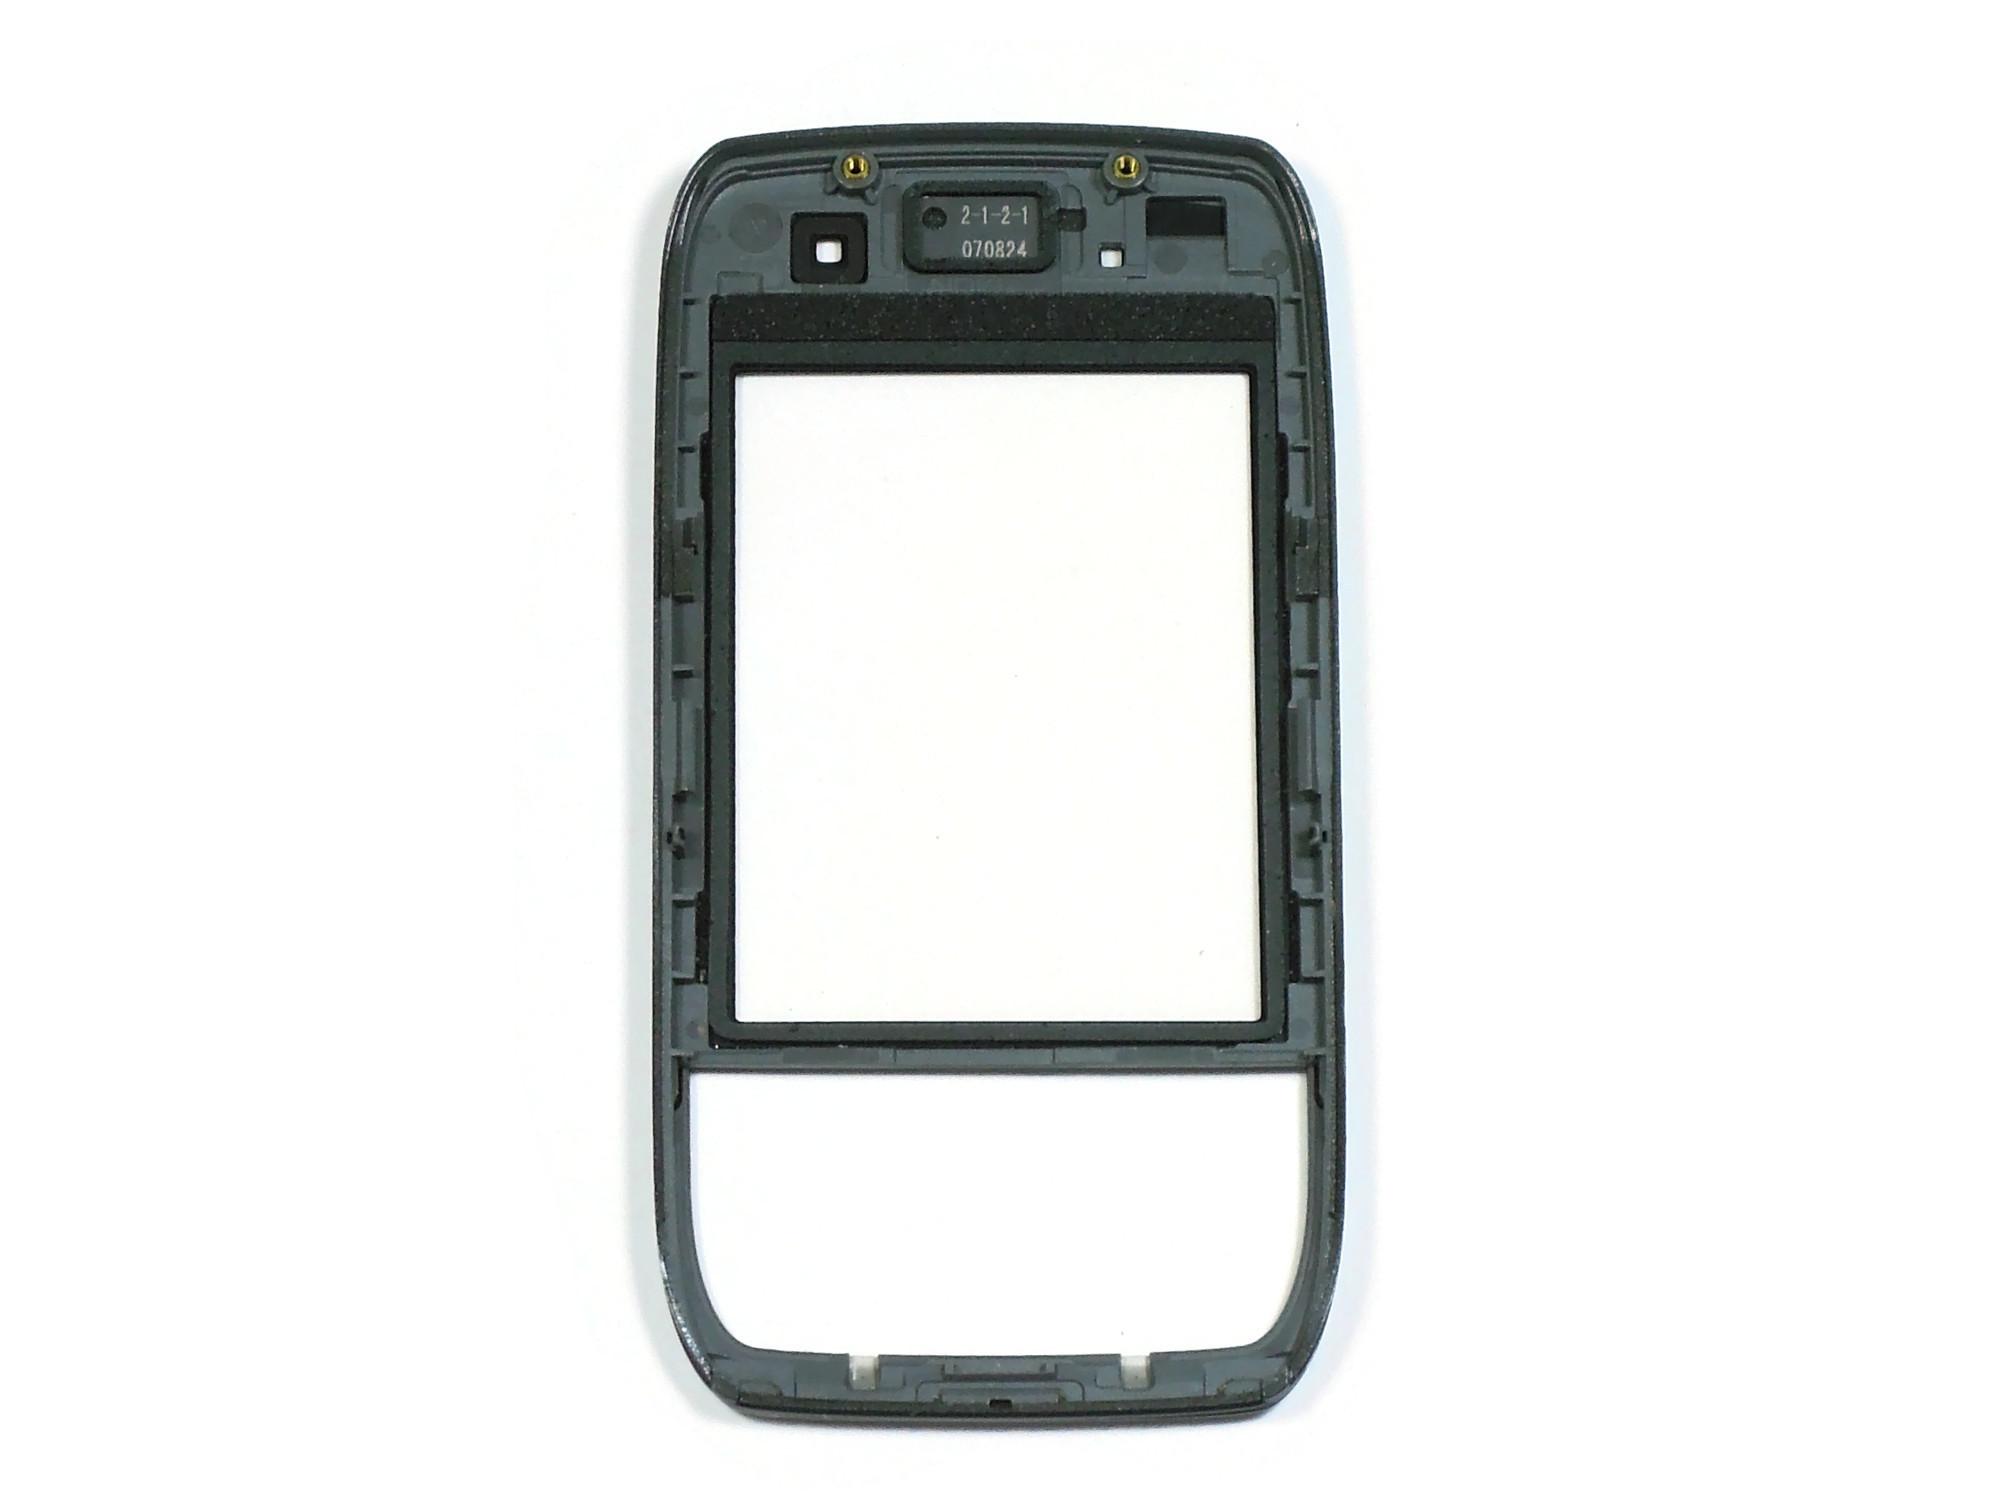 Передняя панель корпуса Nokia E66 (Black) с защитным стеклом оригинал 100%